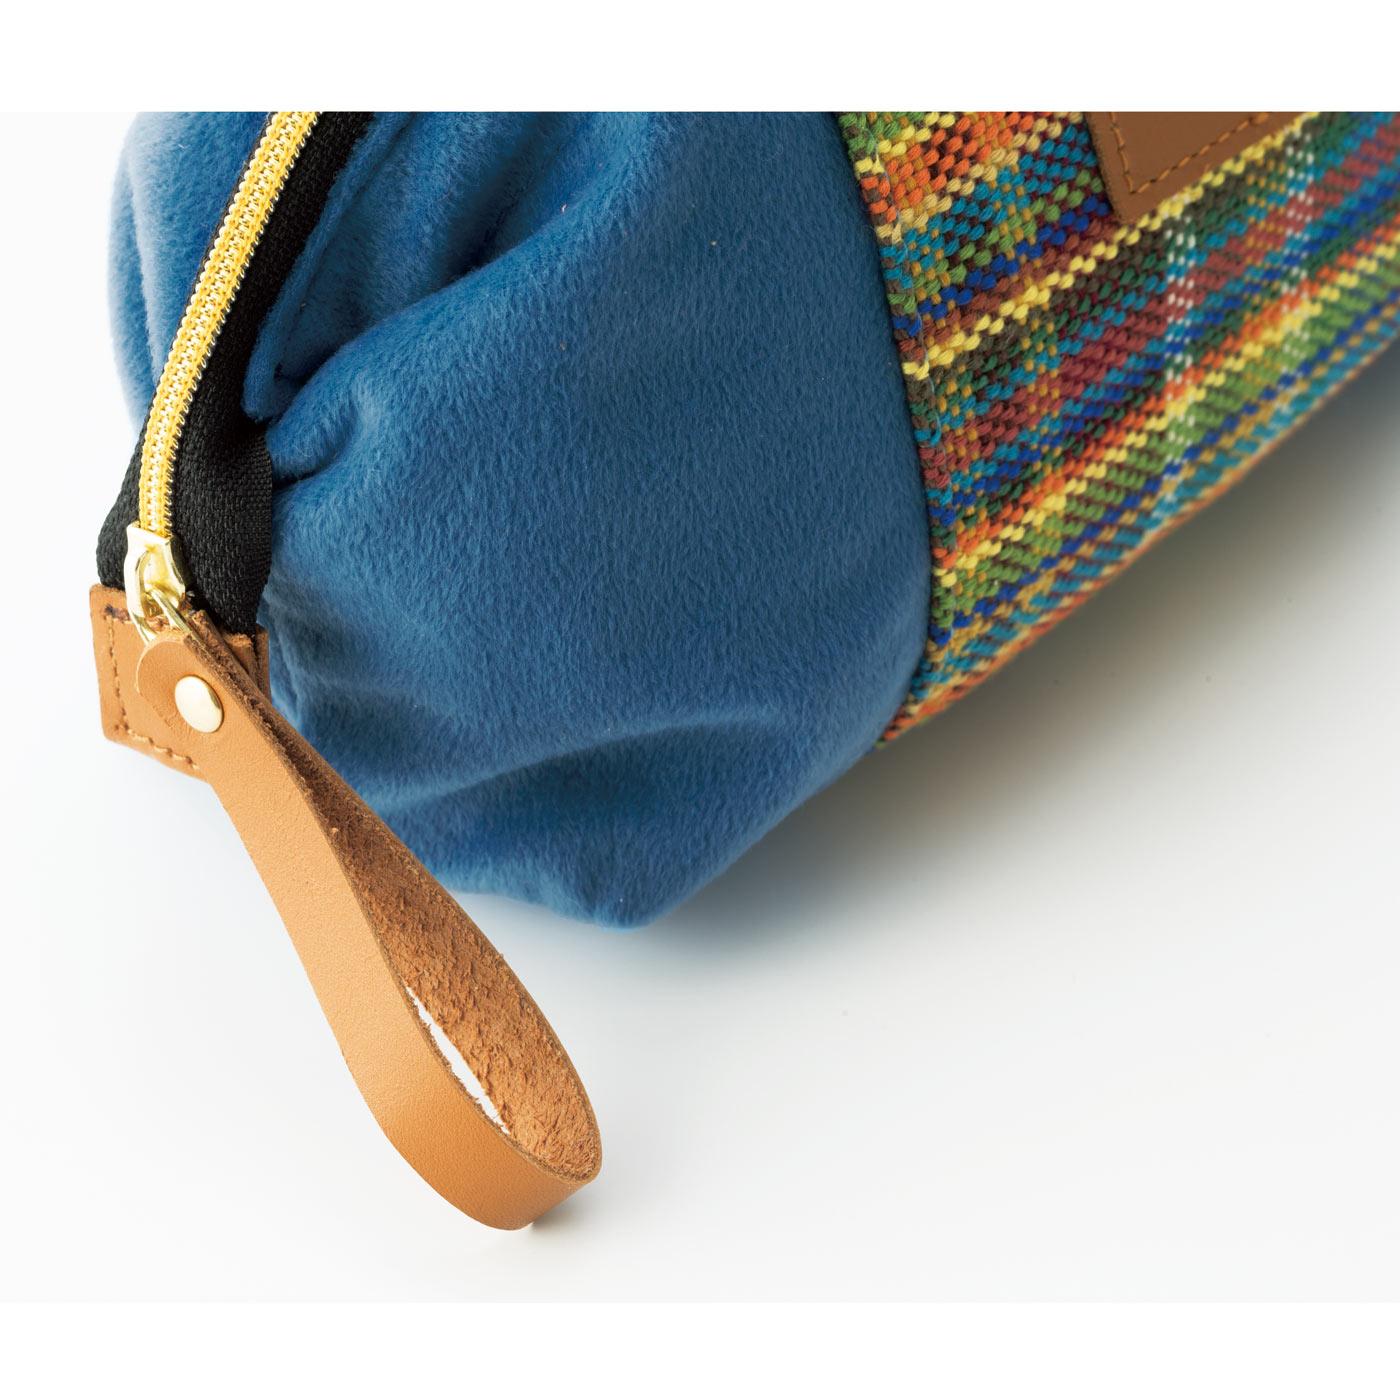 本革のファスナー引き手やラベルで贅沢な仕上がりに。